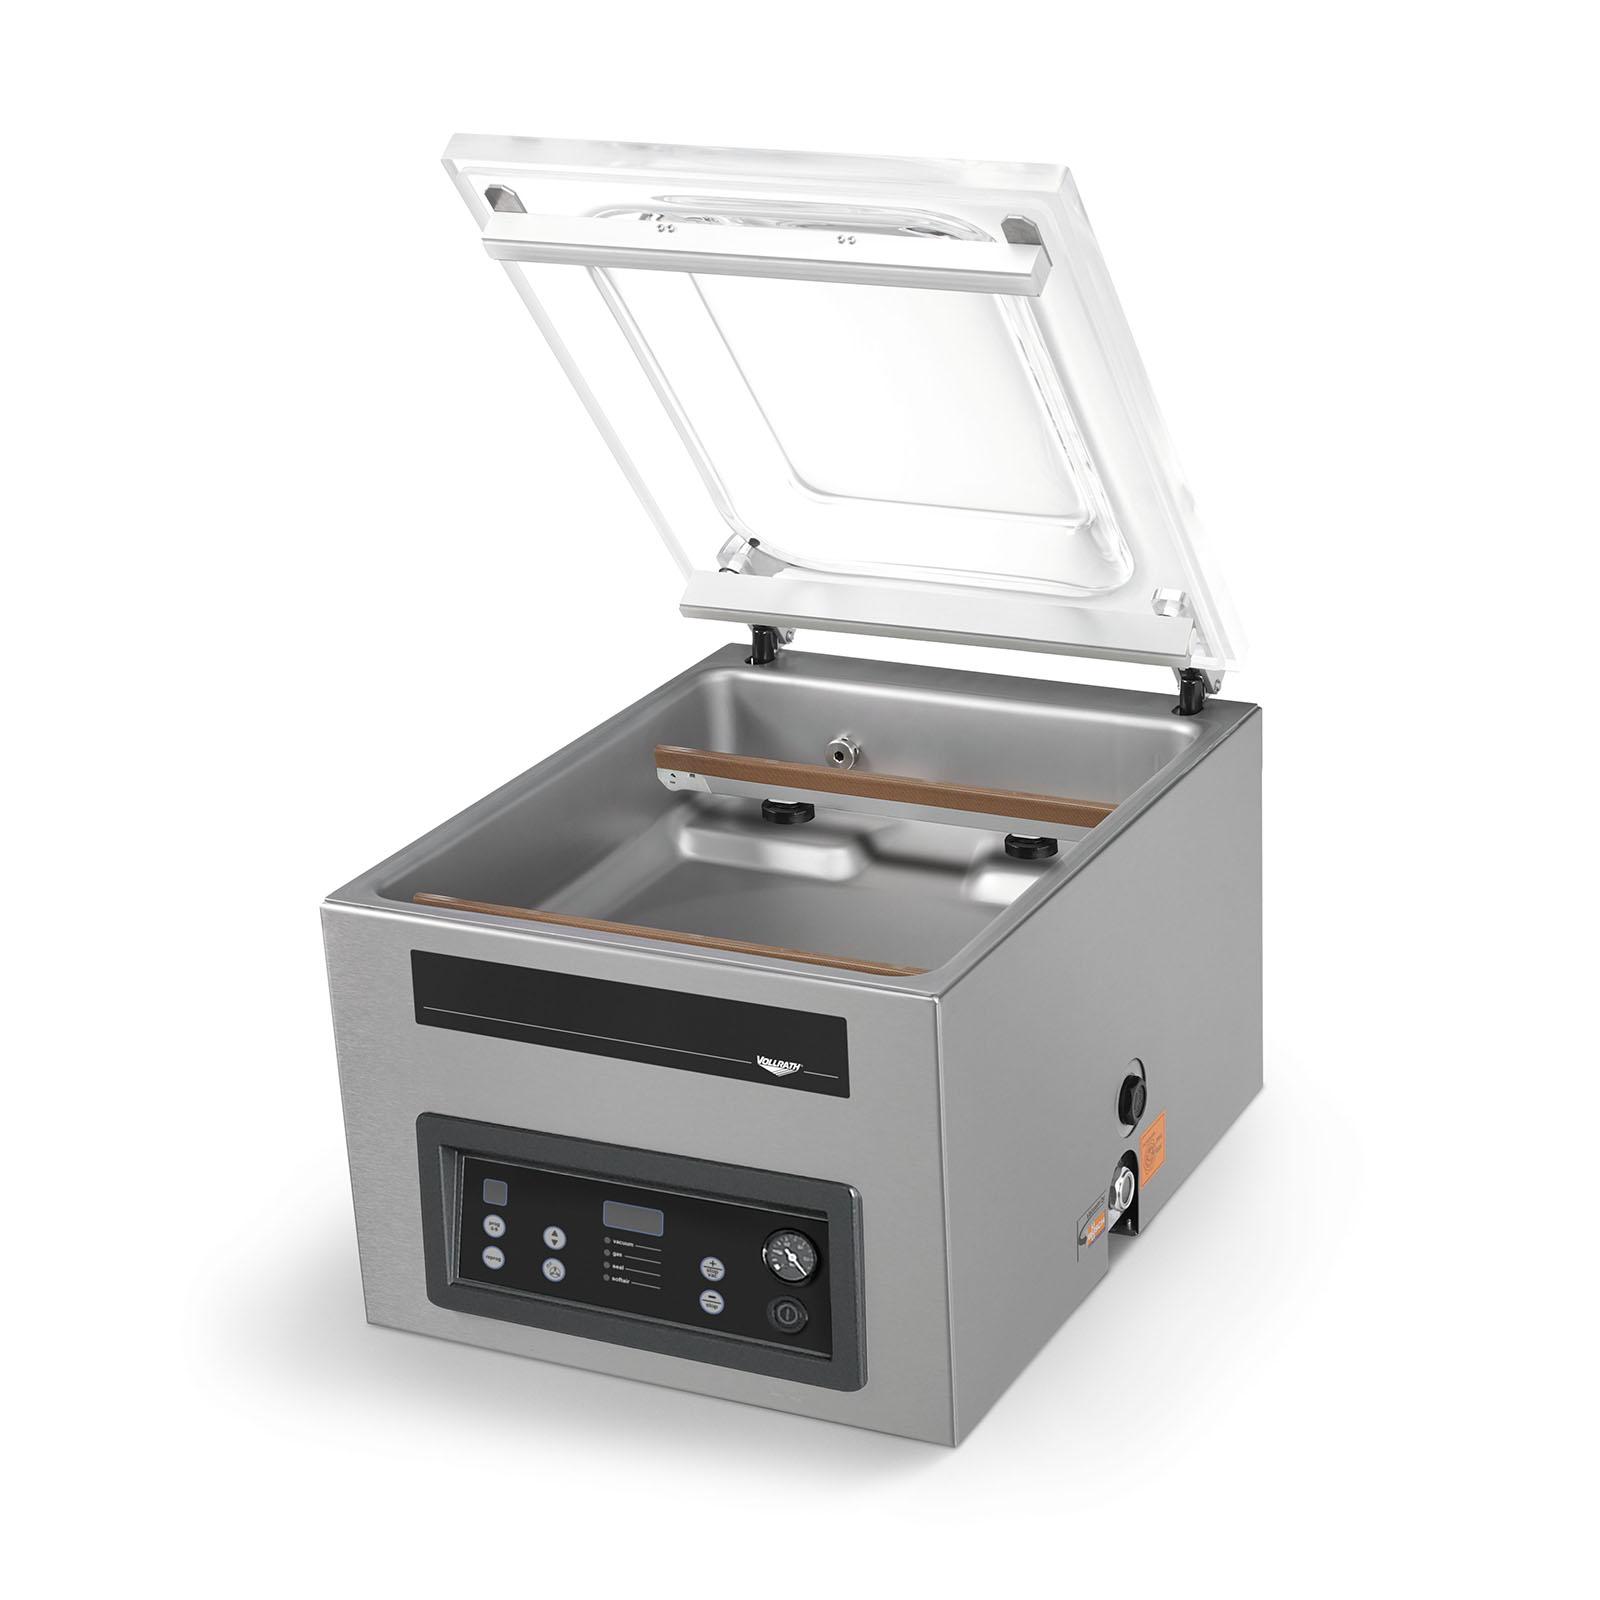 Vollrath 40833 food packaging machine